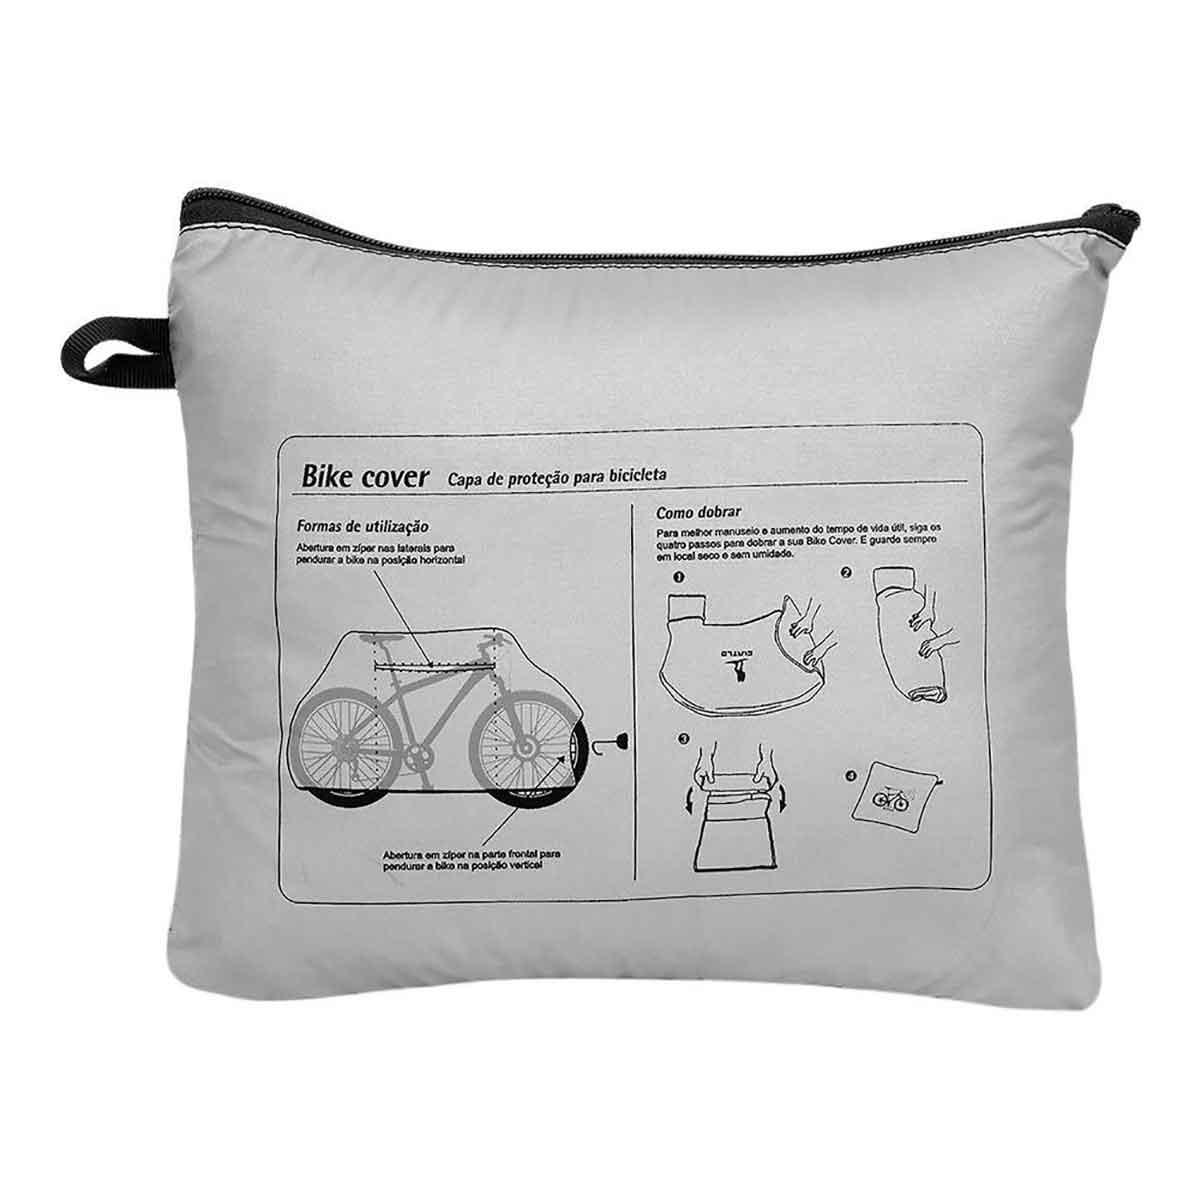 Capa de Proteção Bicicleta Curtlo Bike Cover - Aro 26 / 27,5 / 29 / 700